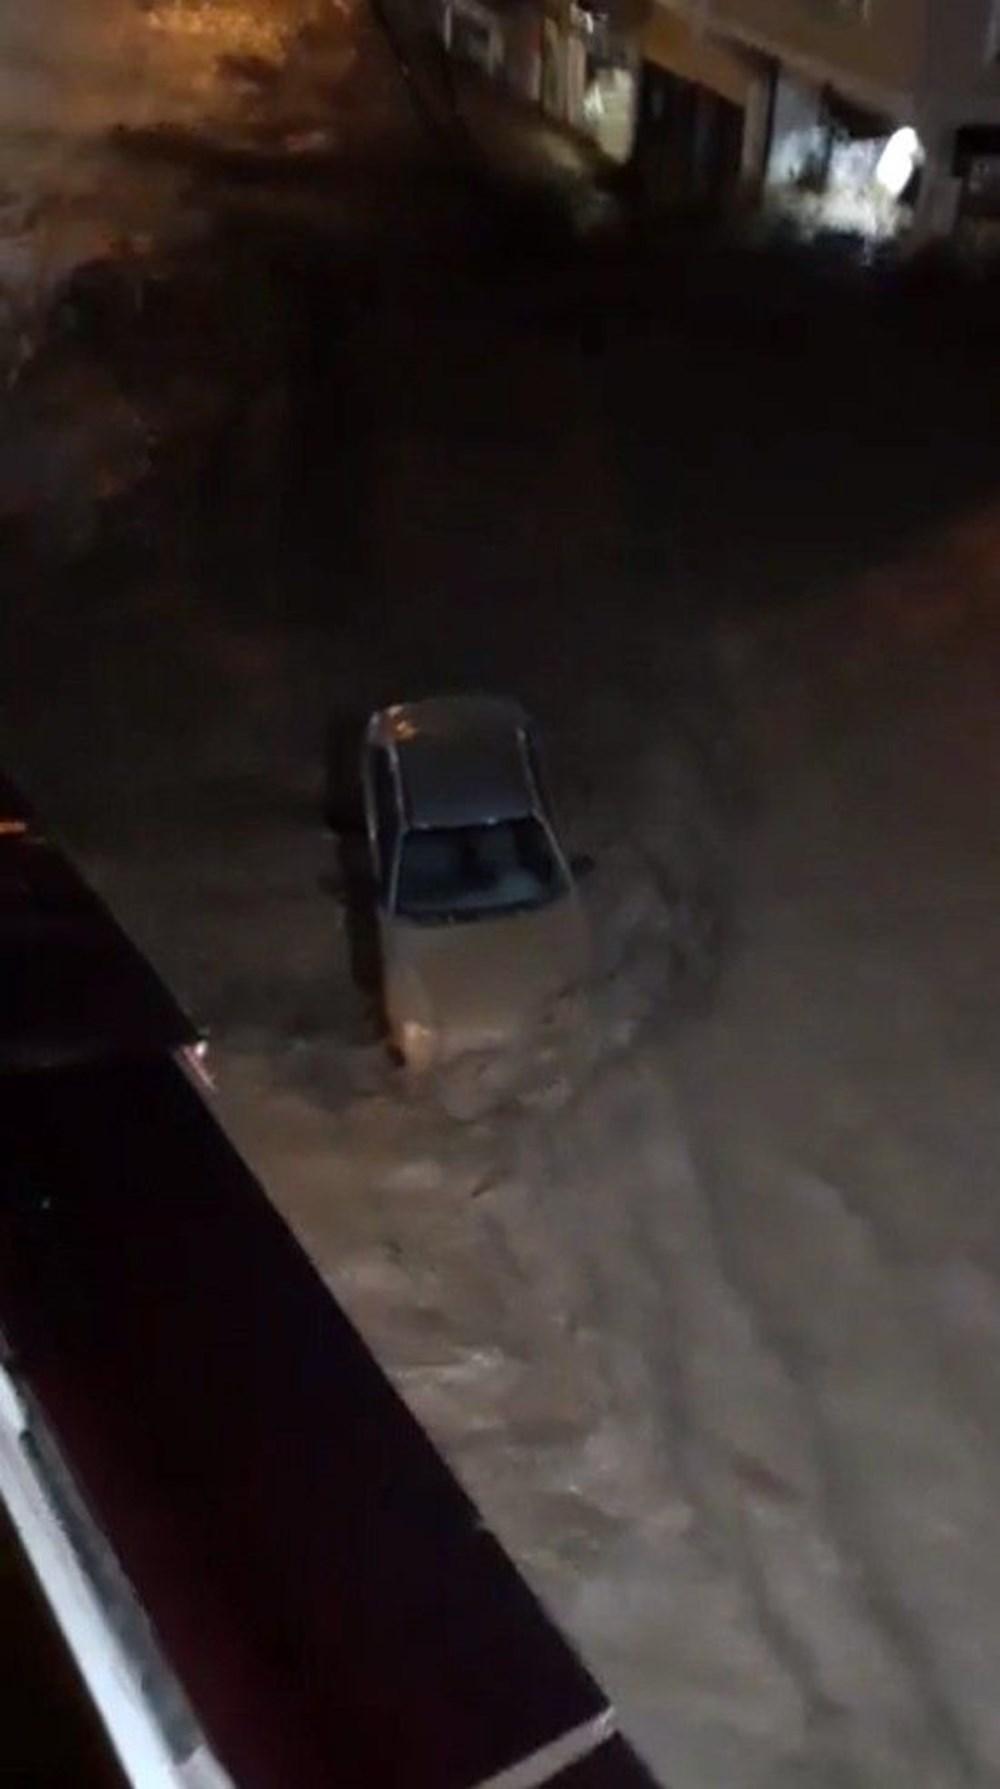 Giresun'u sel vurdu: 3 kişi hayatını kaybetti - 10